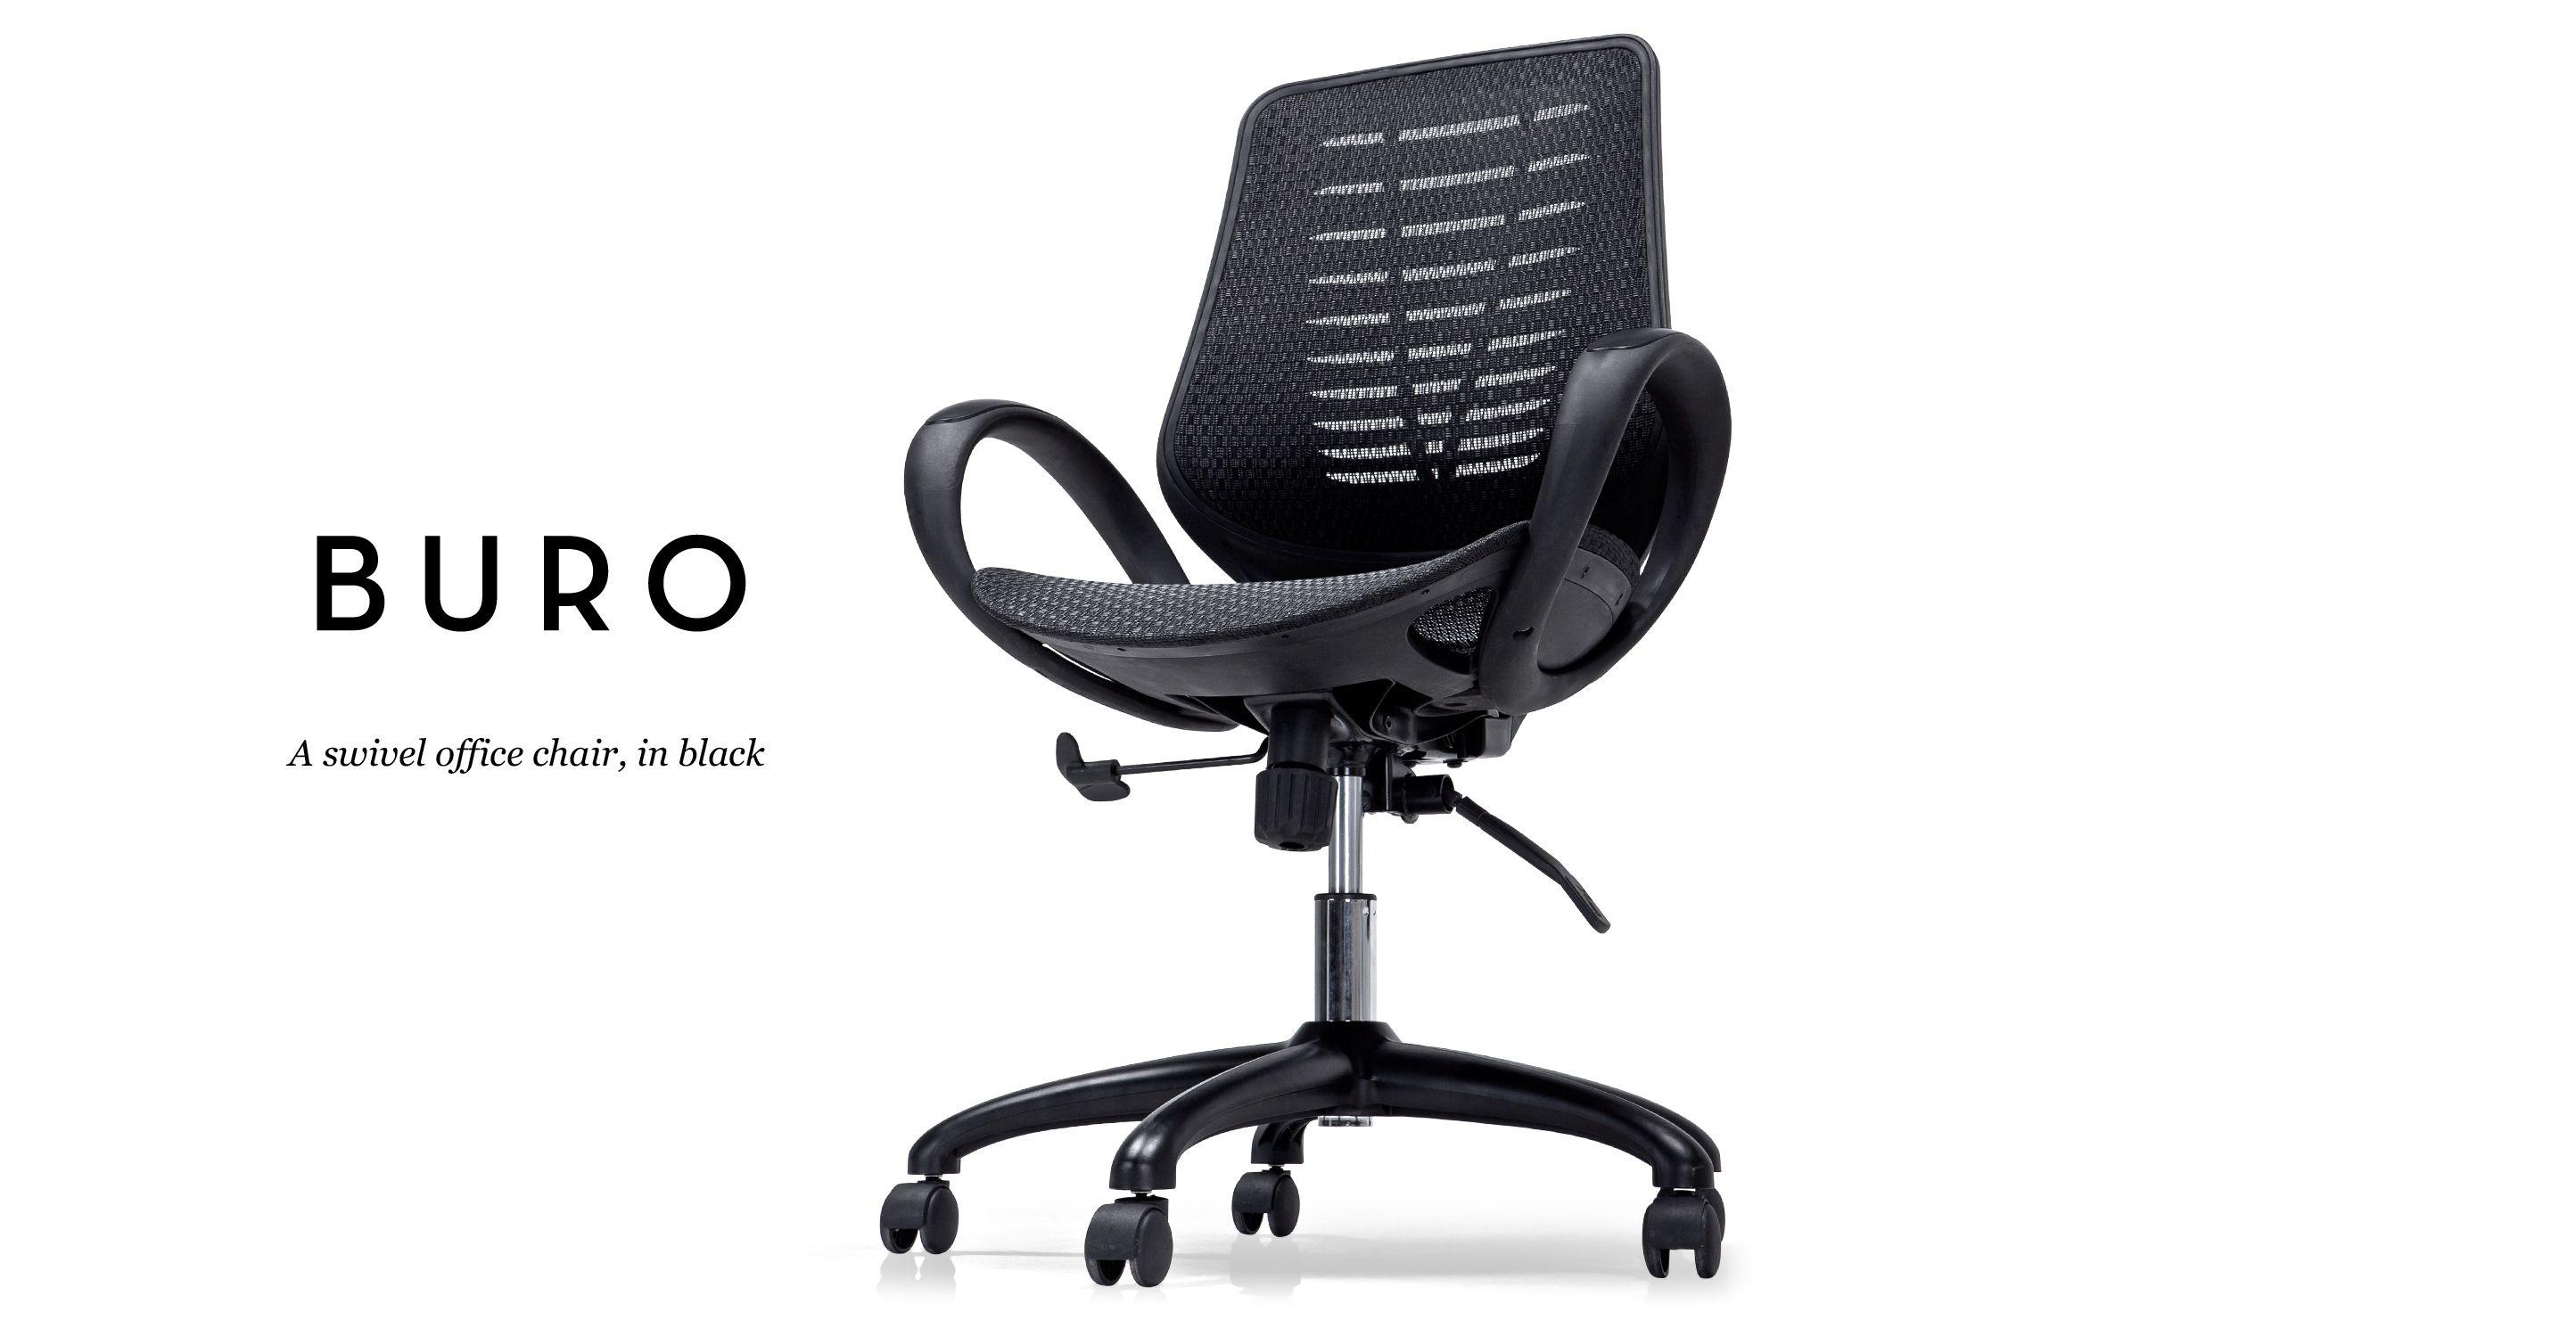 buro #officechair #modern #furniture modern office Pinterest